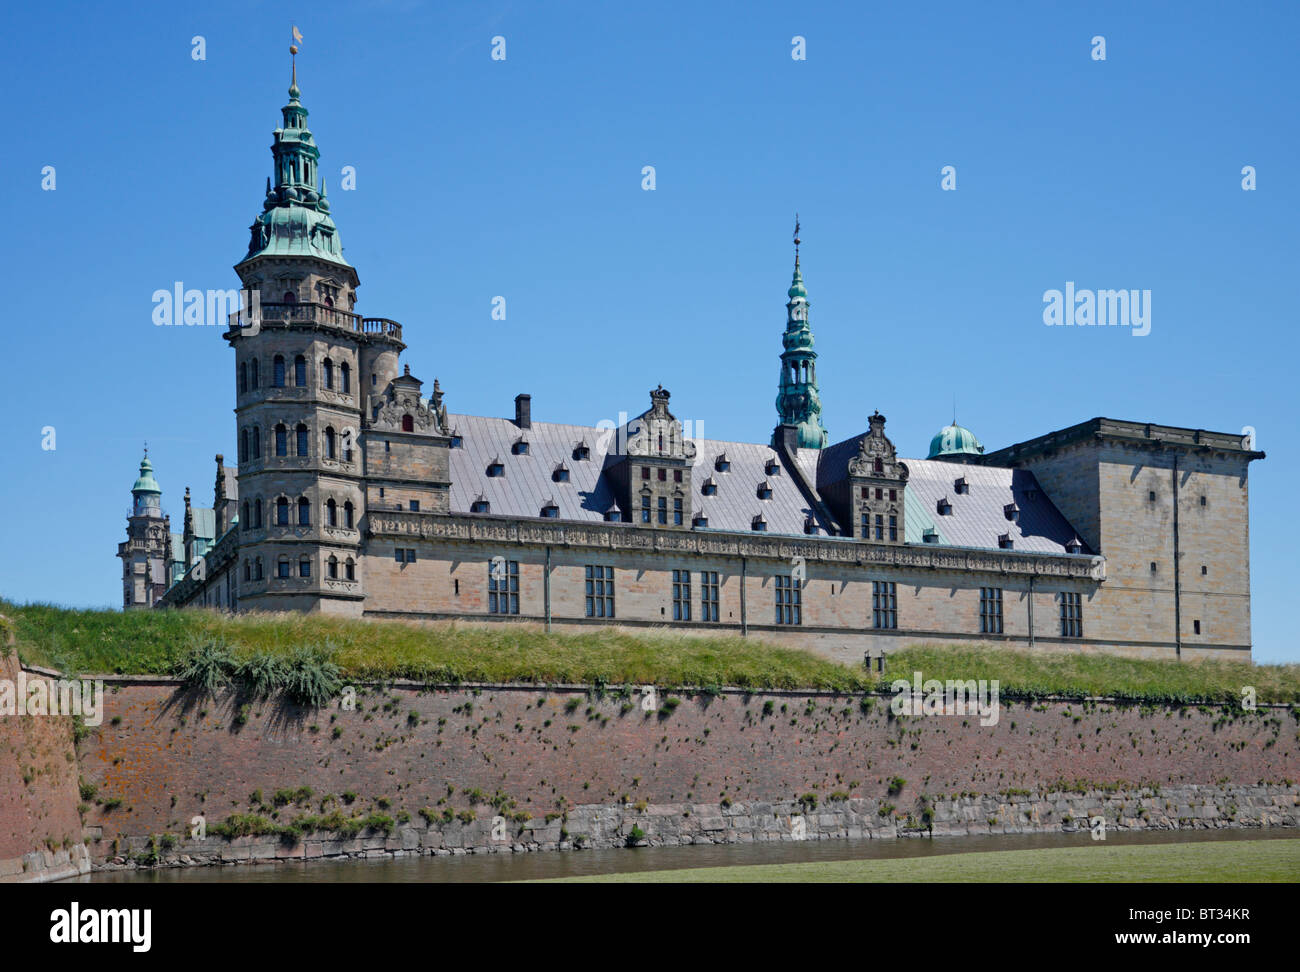 The renaissance castle Kronborg in Elsinore, Denmark - Stock Image